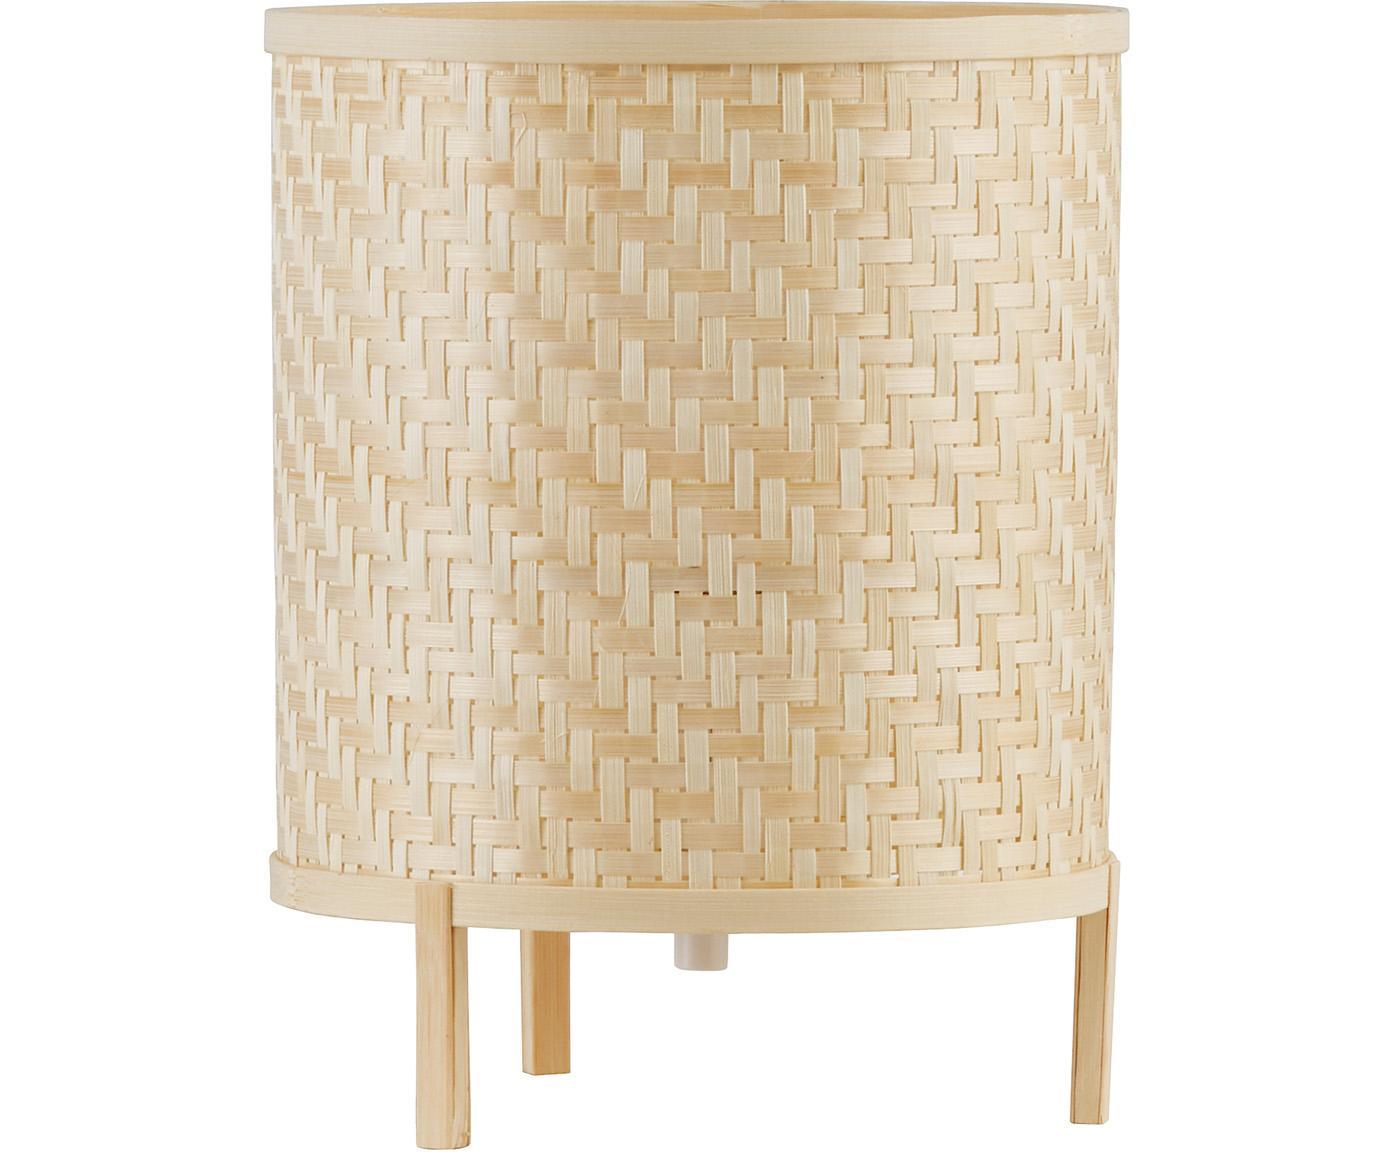 Tischleuchte Trinidad aus Bambusgeflecht, Lampenschirm: Bambusgeflecht, Braun, Ø 19 x H 27 cm